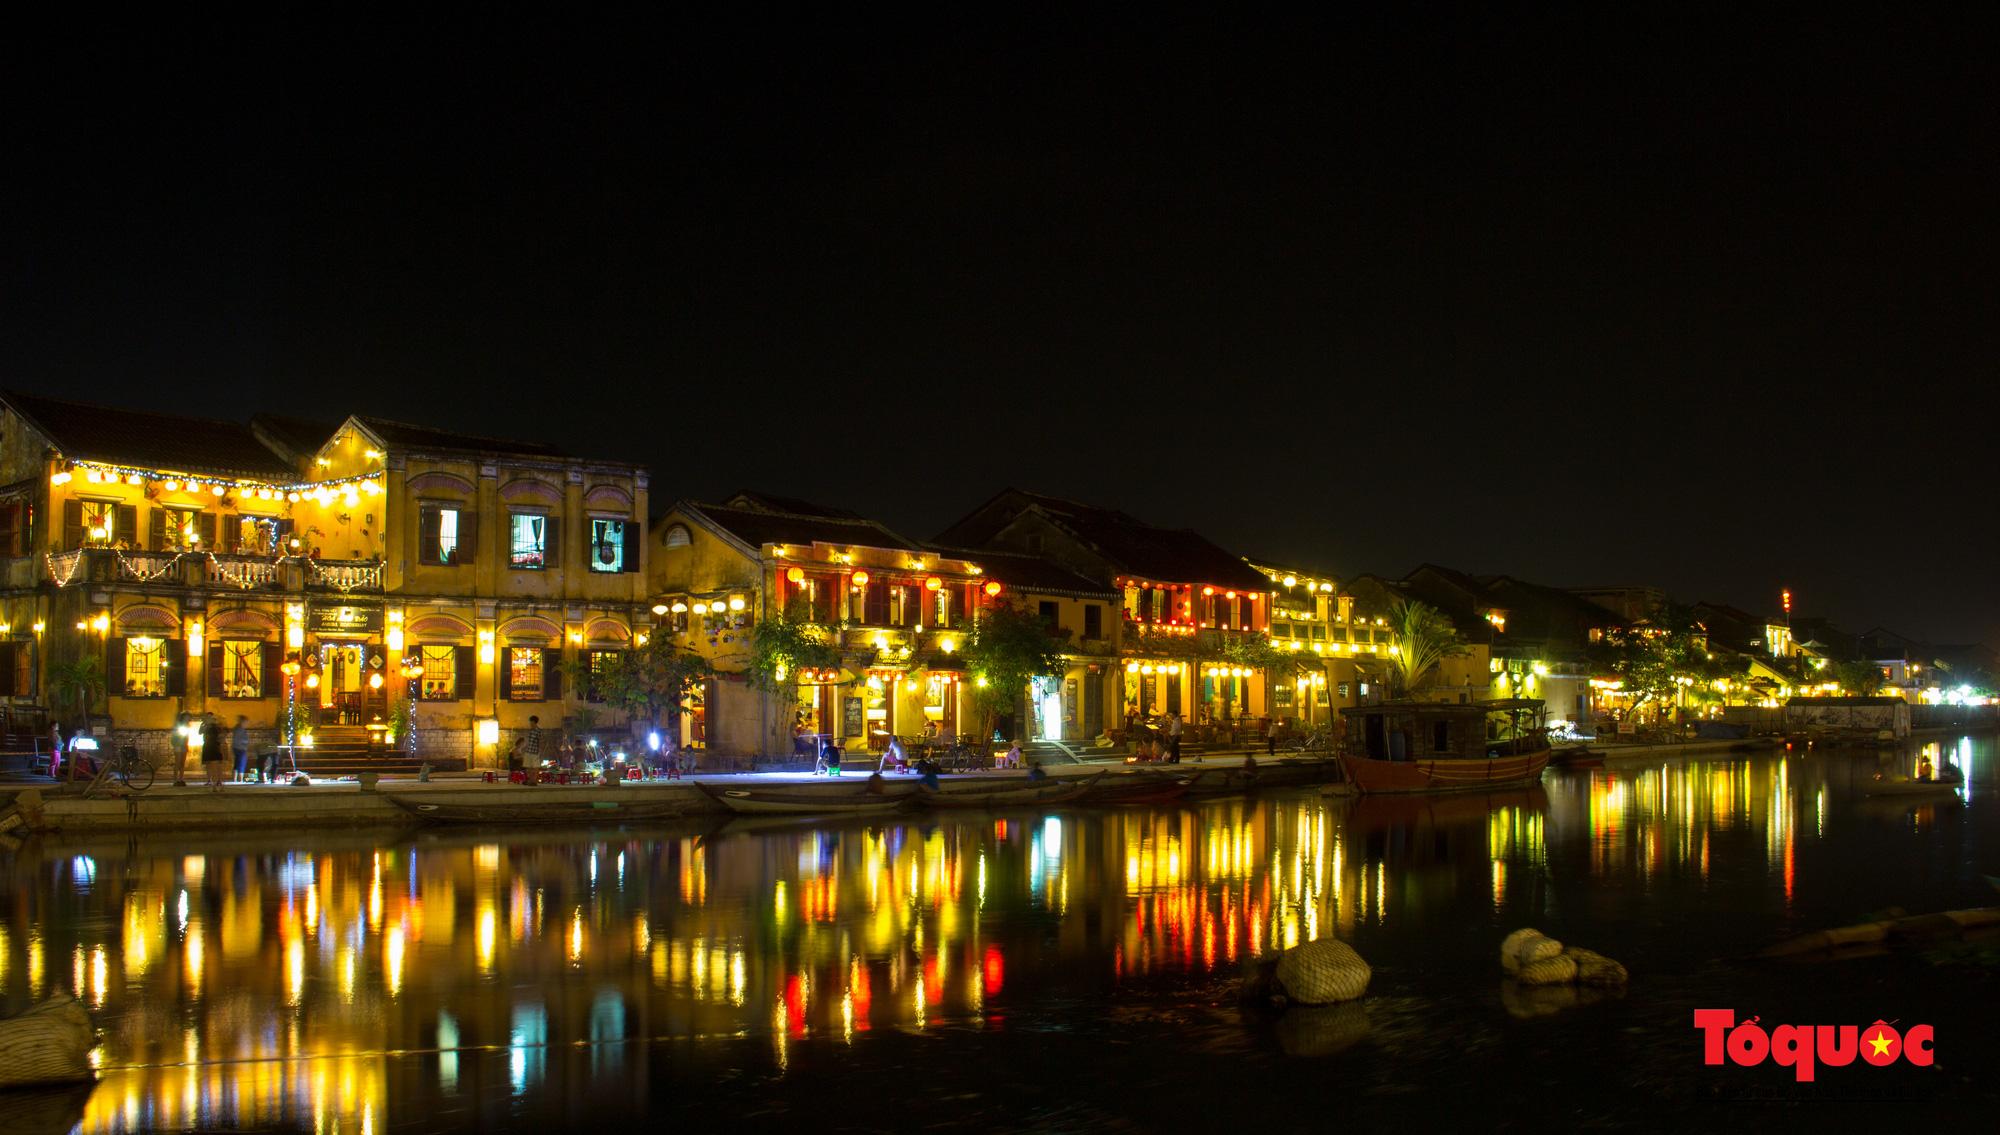 Hội An điểm đến thành phố văn hóa hàng đầu châu Á 2019 - Ảnh 9.